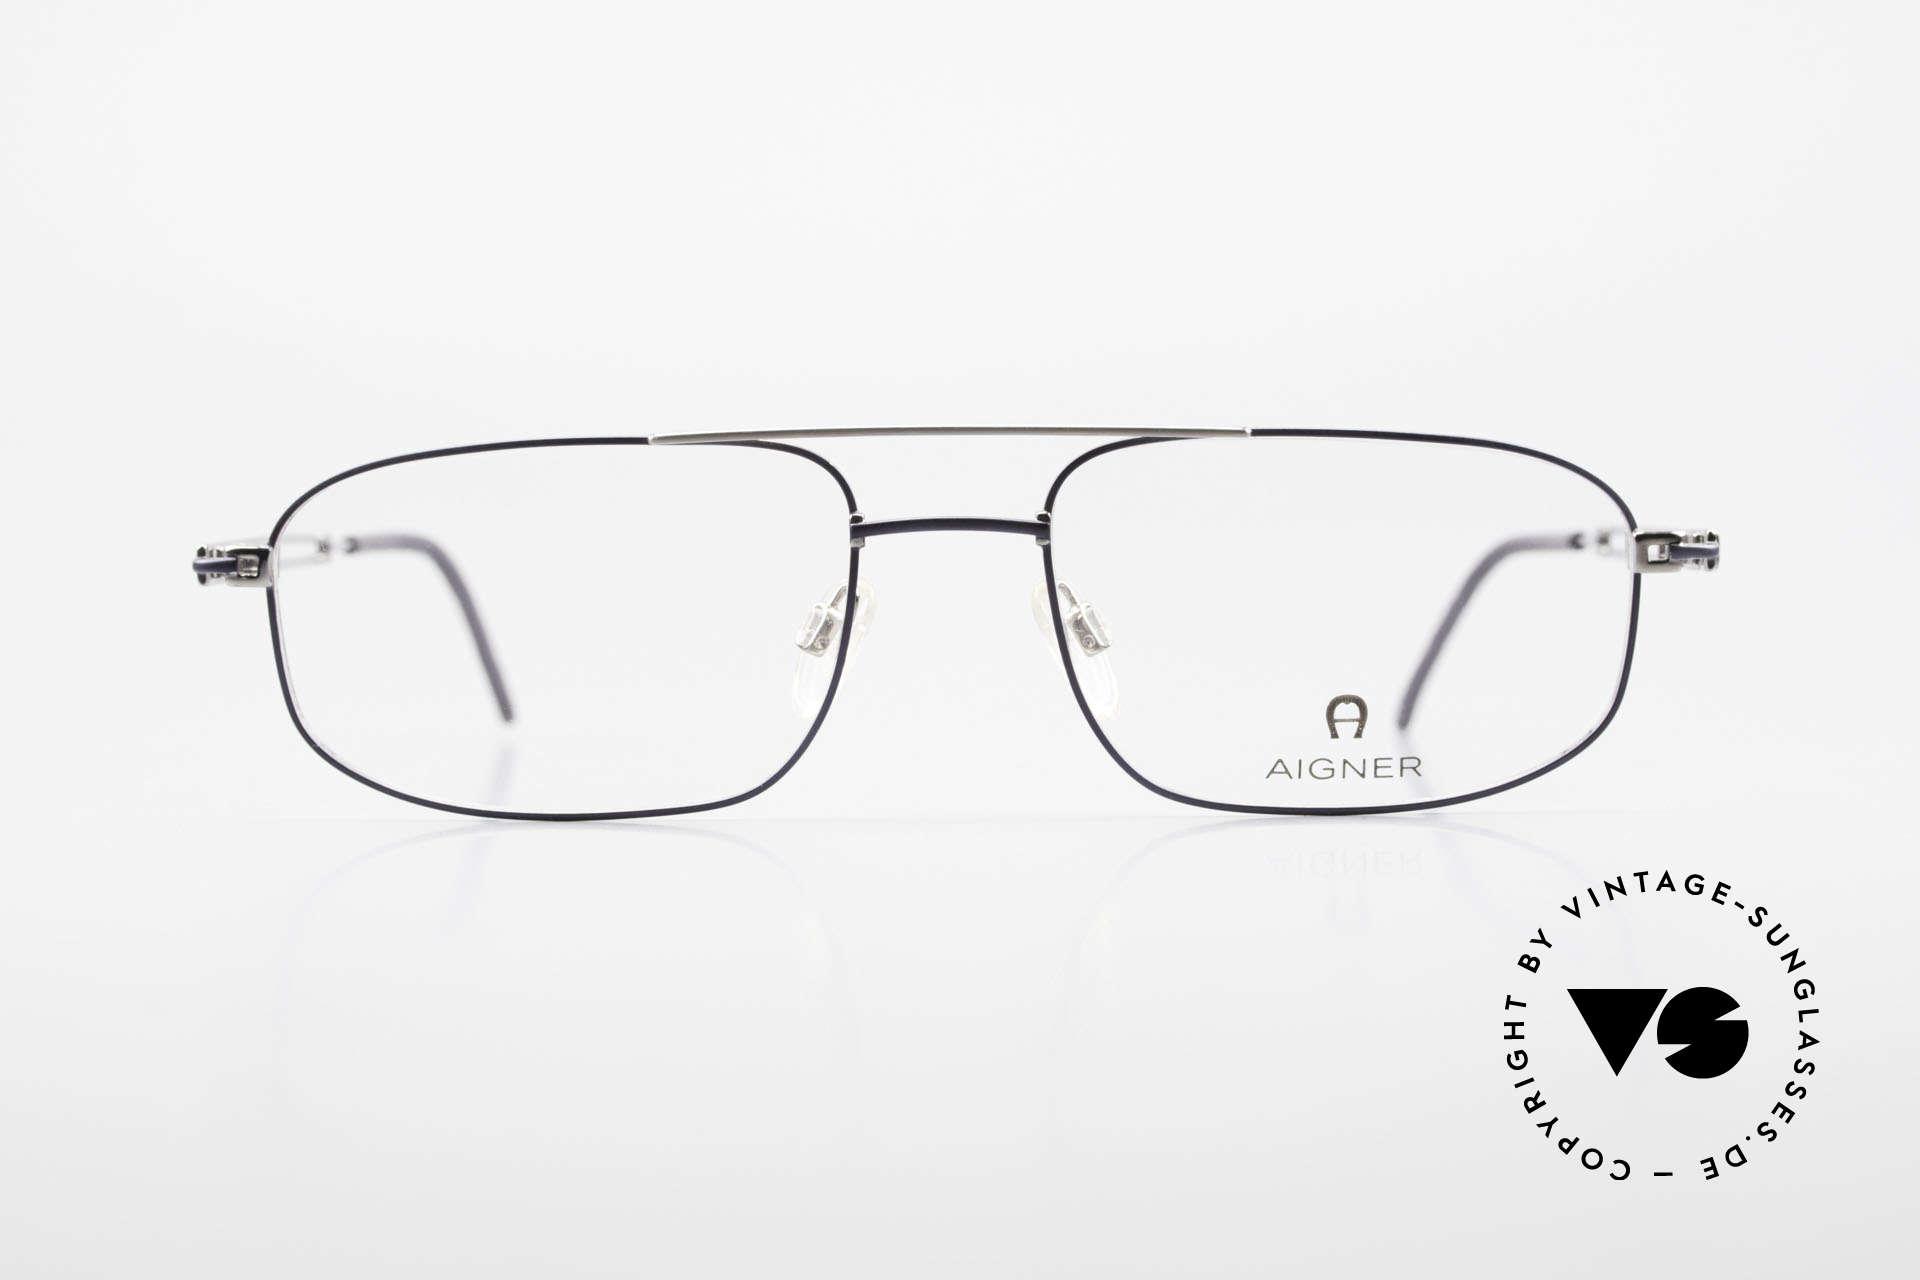 Aigner EA9111 90er Herrenfassung Metall, eine 90er Aigner Originalbrille in Metzler Kooperation, Passend für Herren